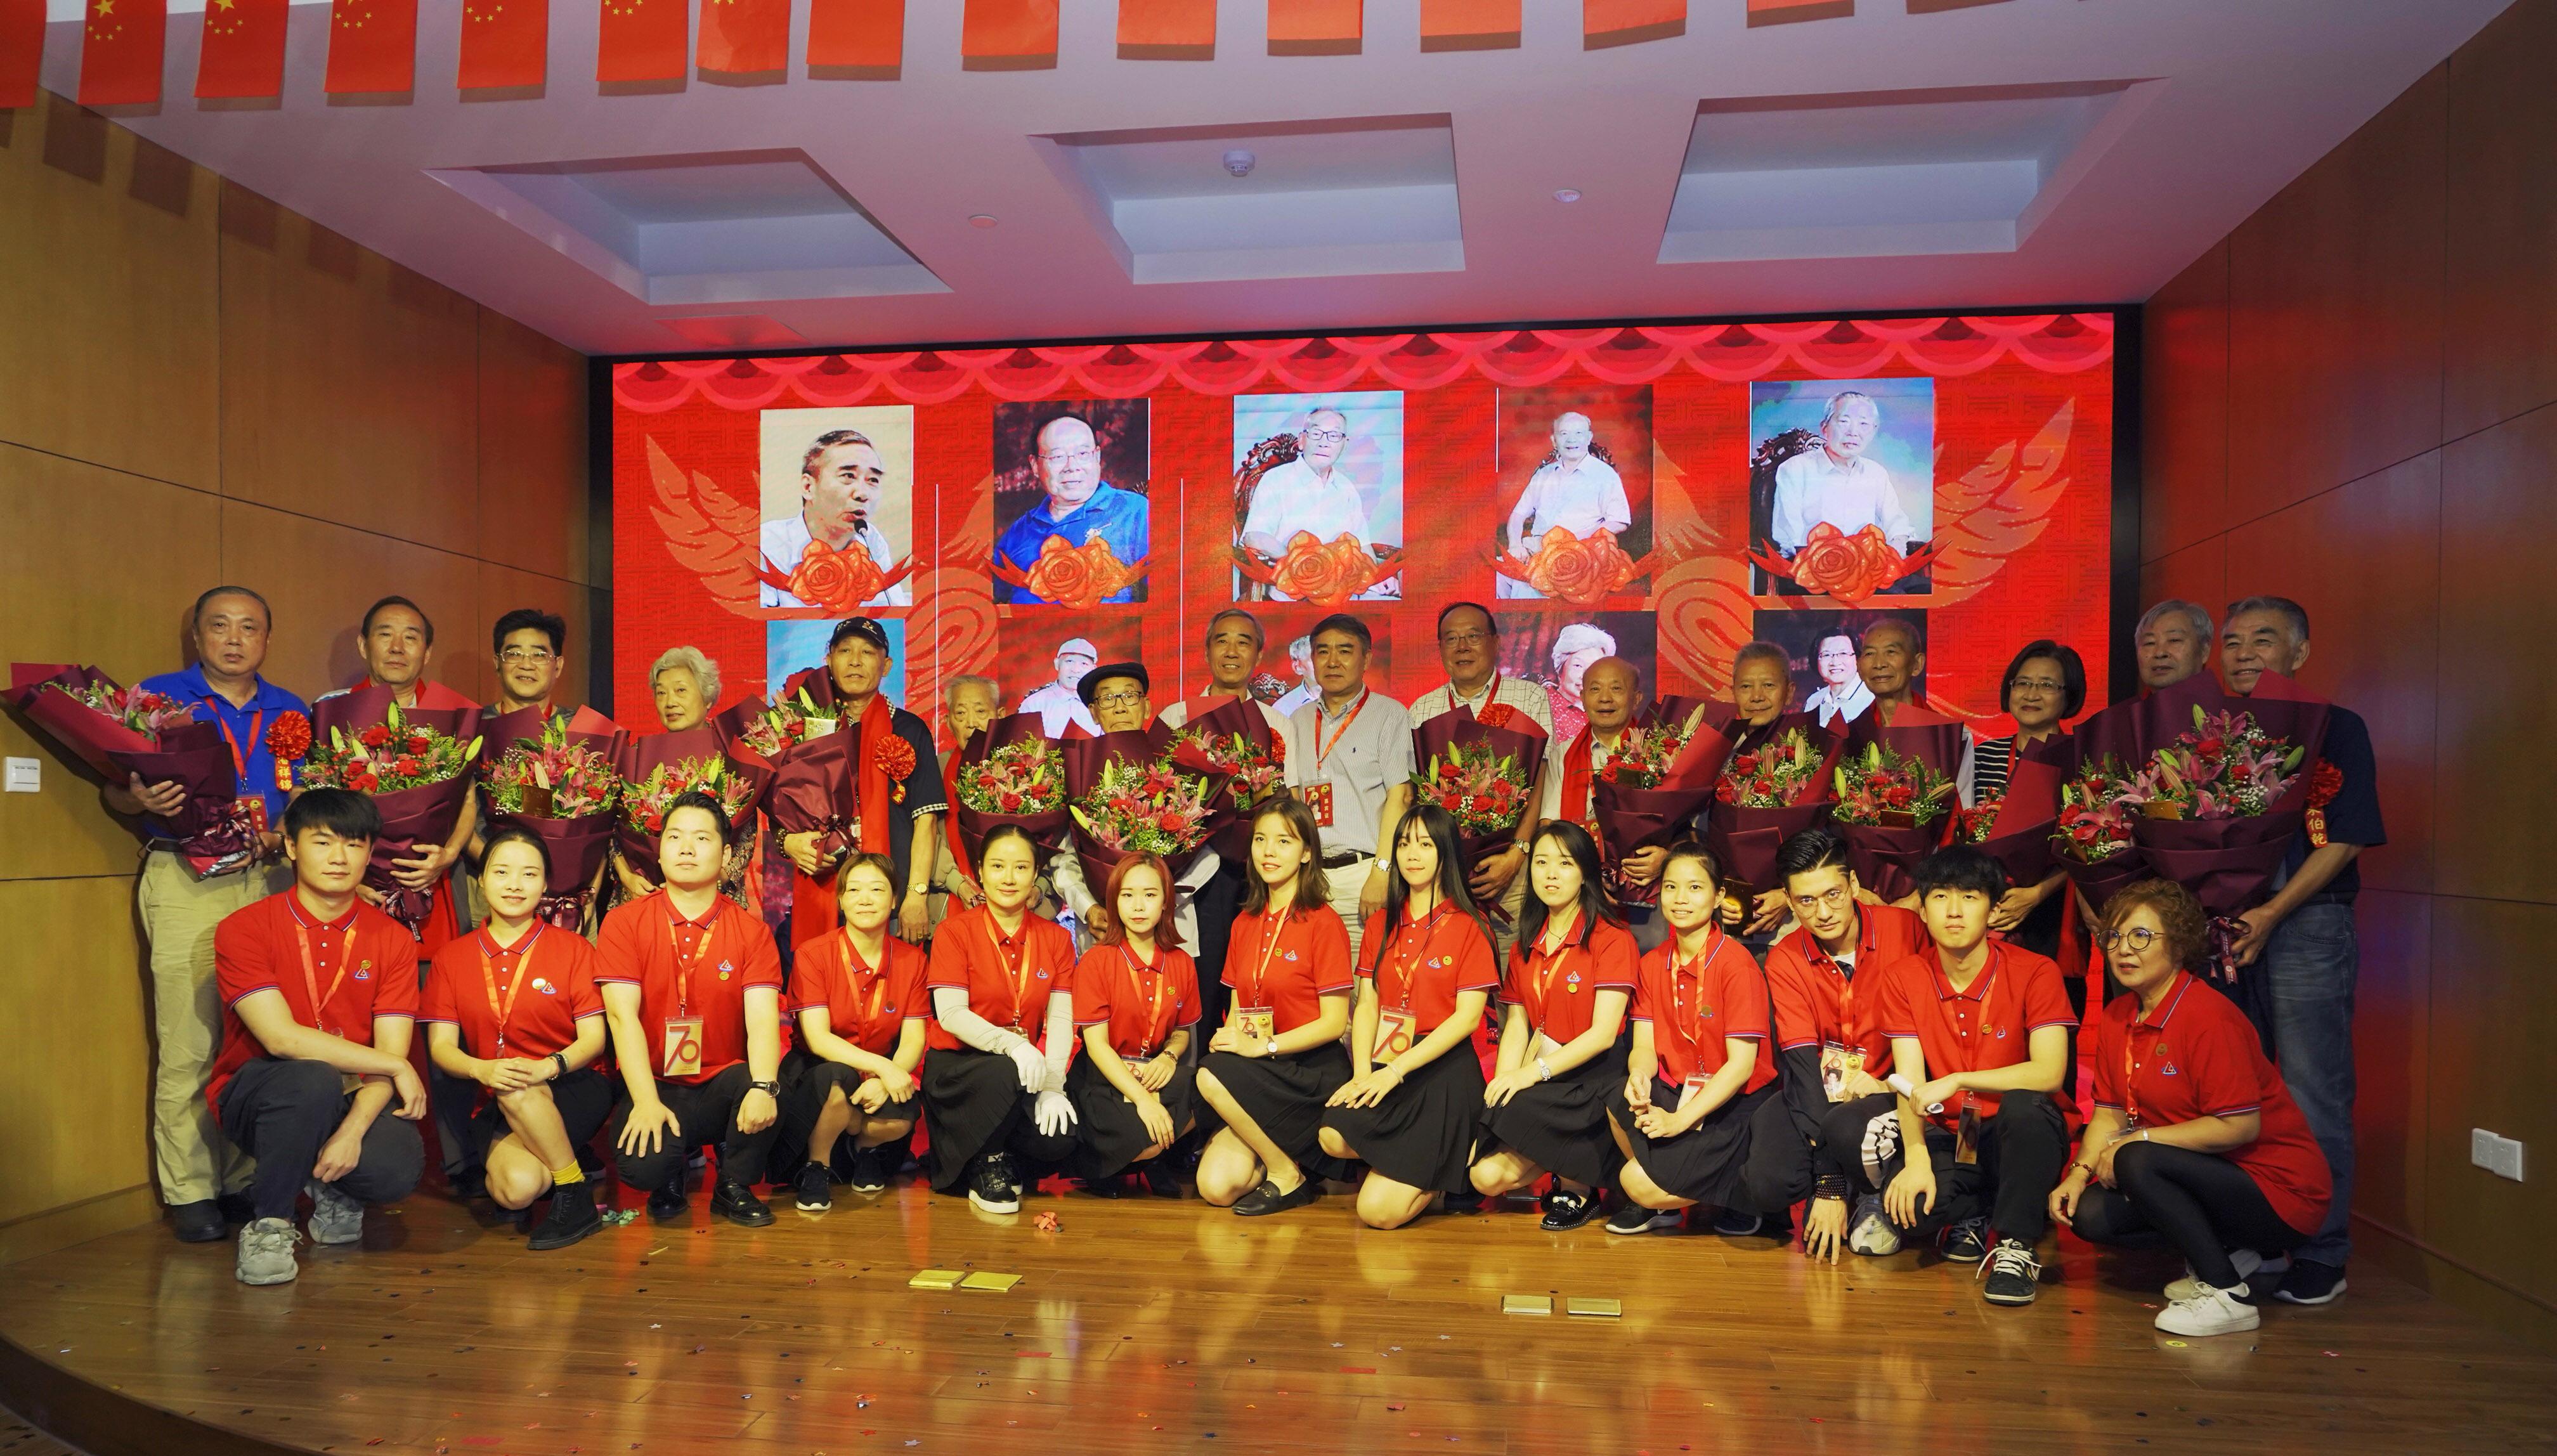 2019年9月29日上午,十分彩-十分彩下载-十分彩下注建厂70周年盛典在上海皮革公司锦凯活动中心拉开帷幕。